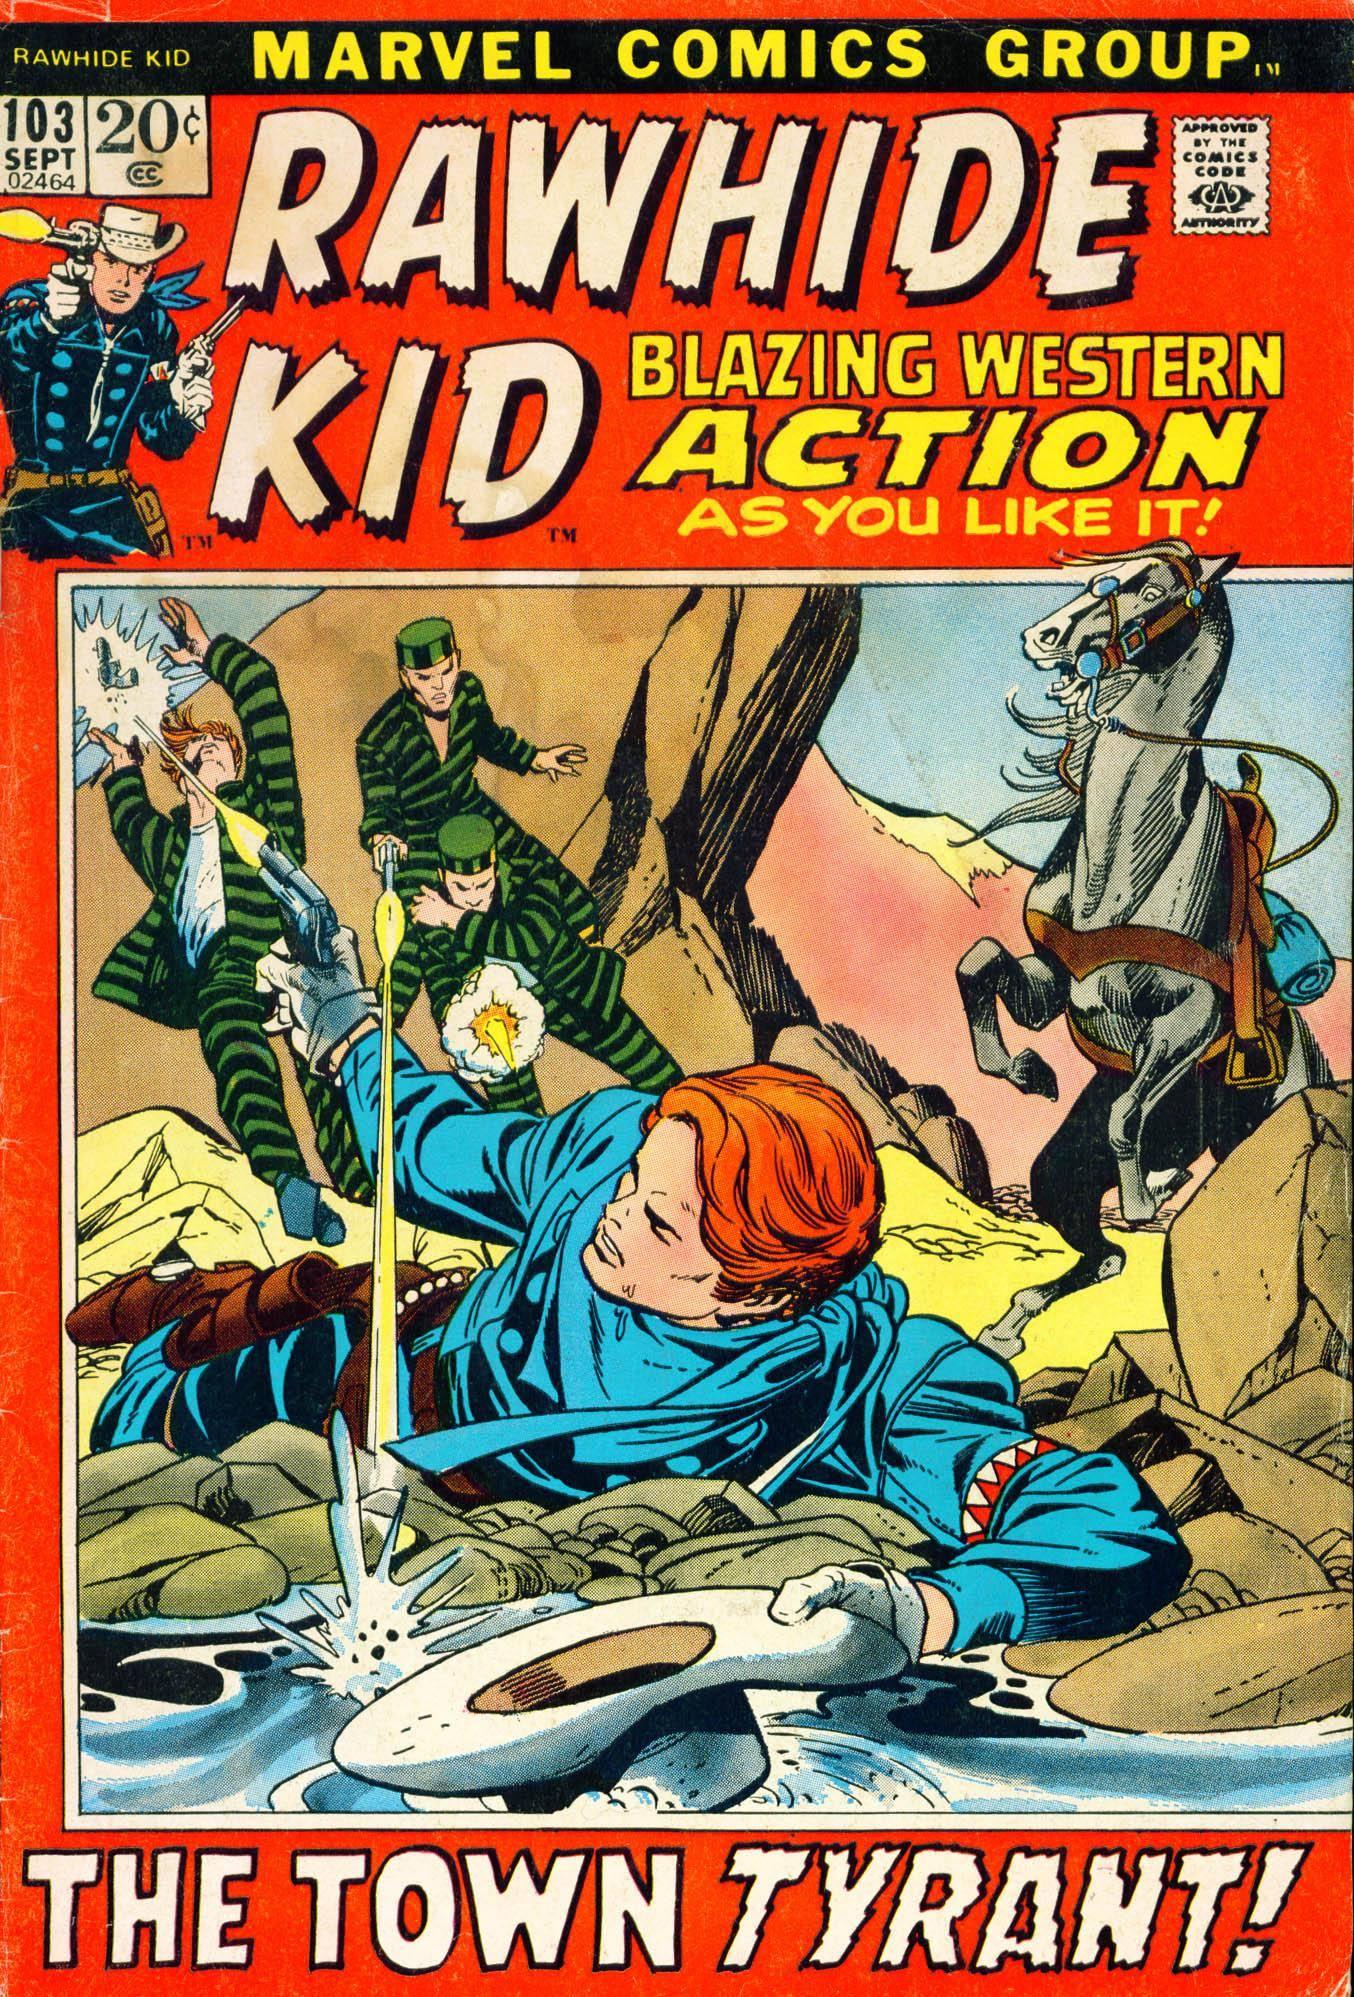 Rawhide Kid v1 103 1972